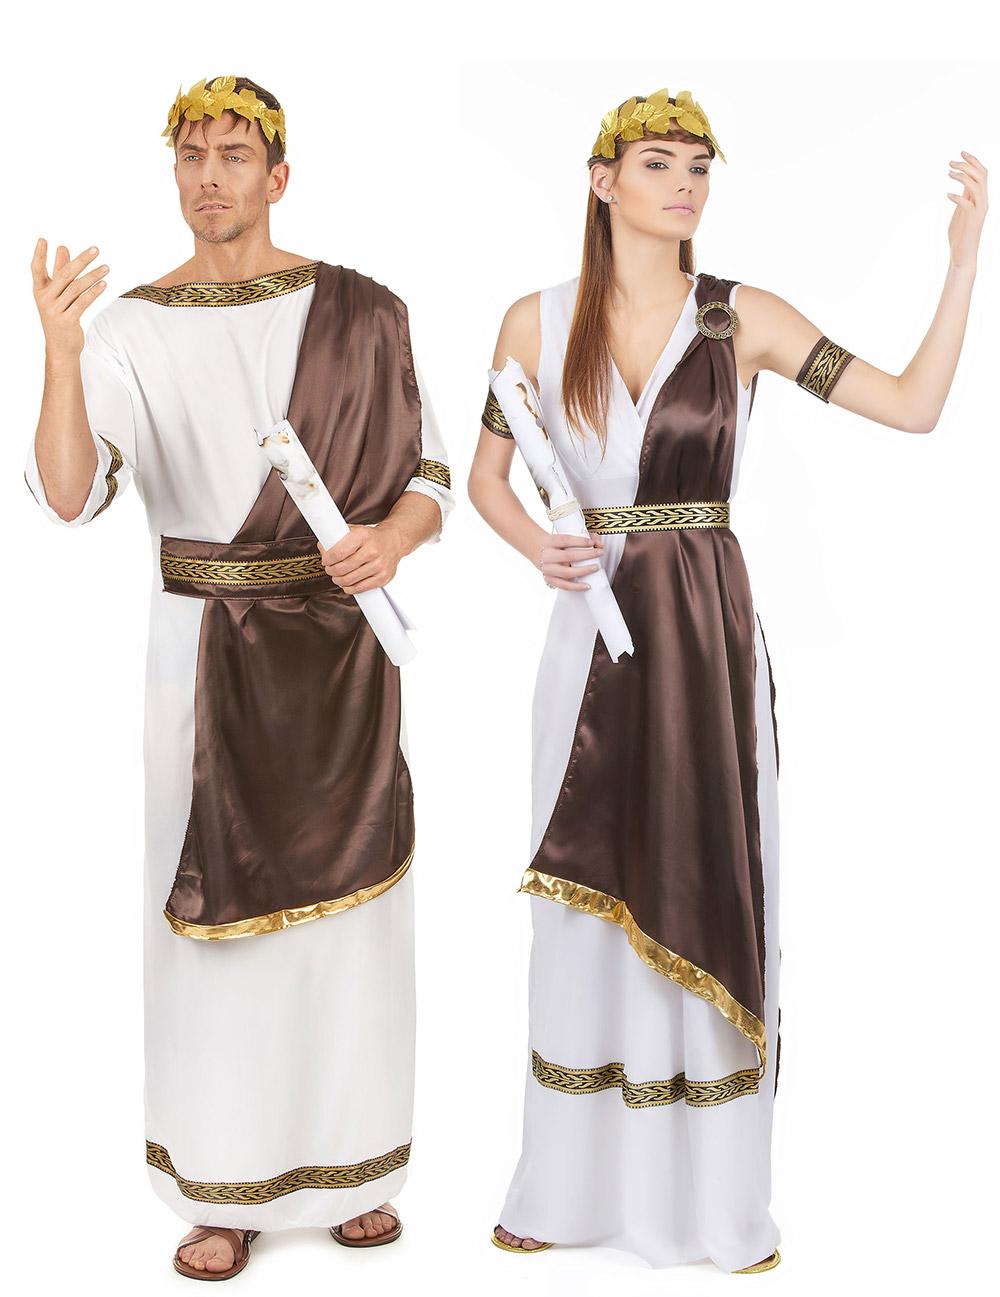 D guisement de couple romain marron adulte deguise toi achat de d guisements couples - Idee deguisement annee 80 pas cher ...